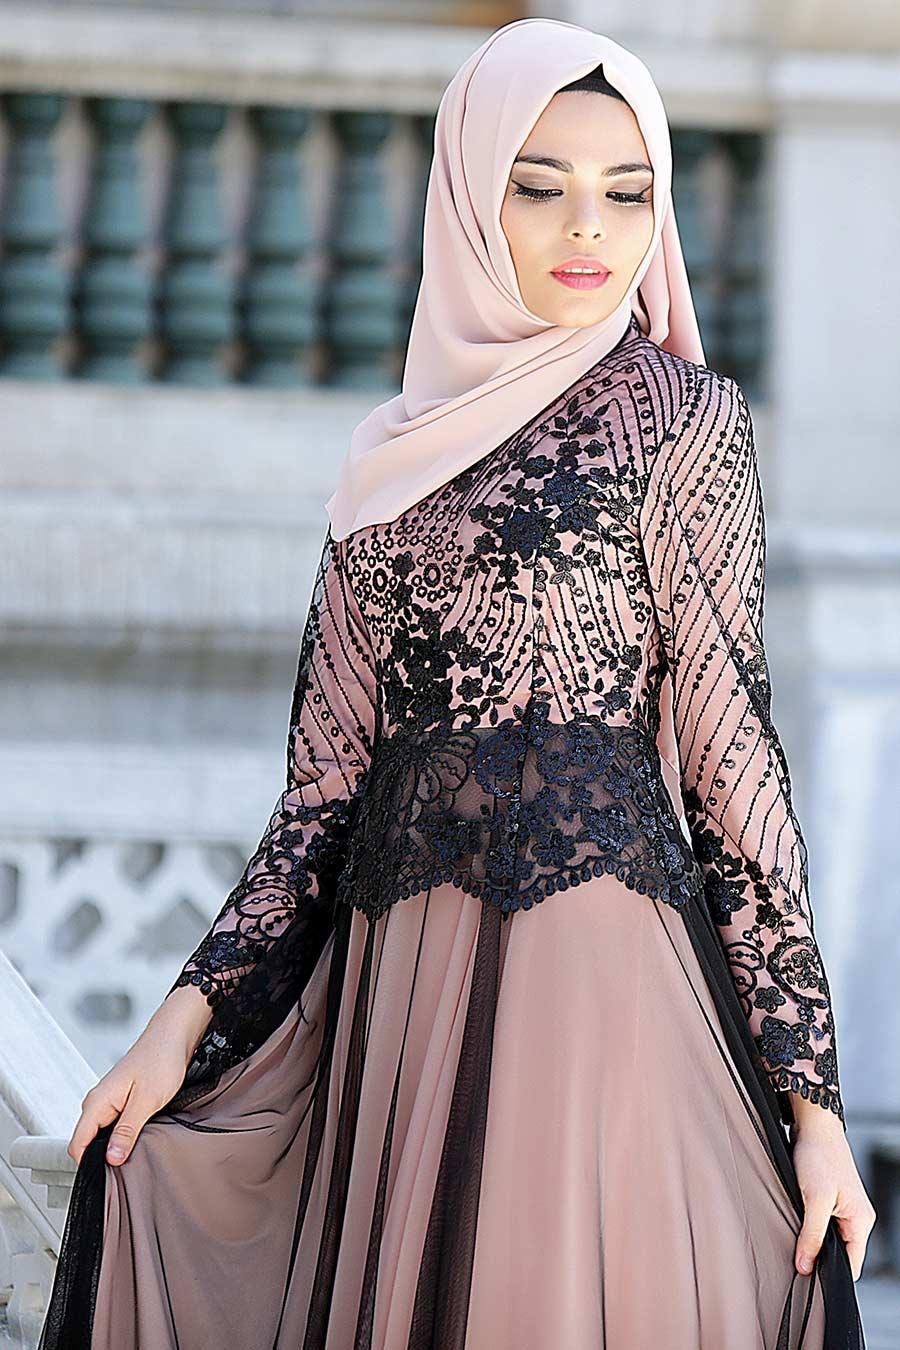 بالصور حجاب فاشون , اجمل واحلى صور حجاب فاشون 1035 11